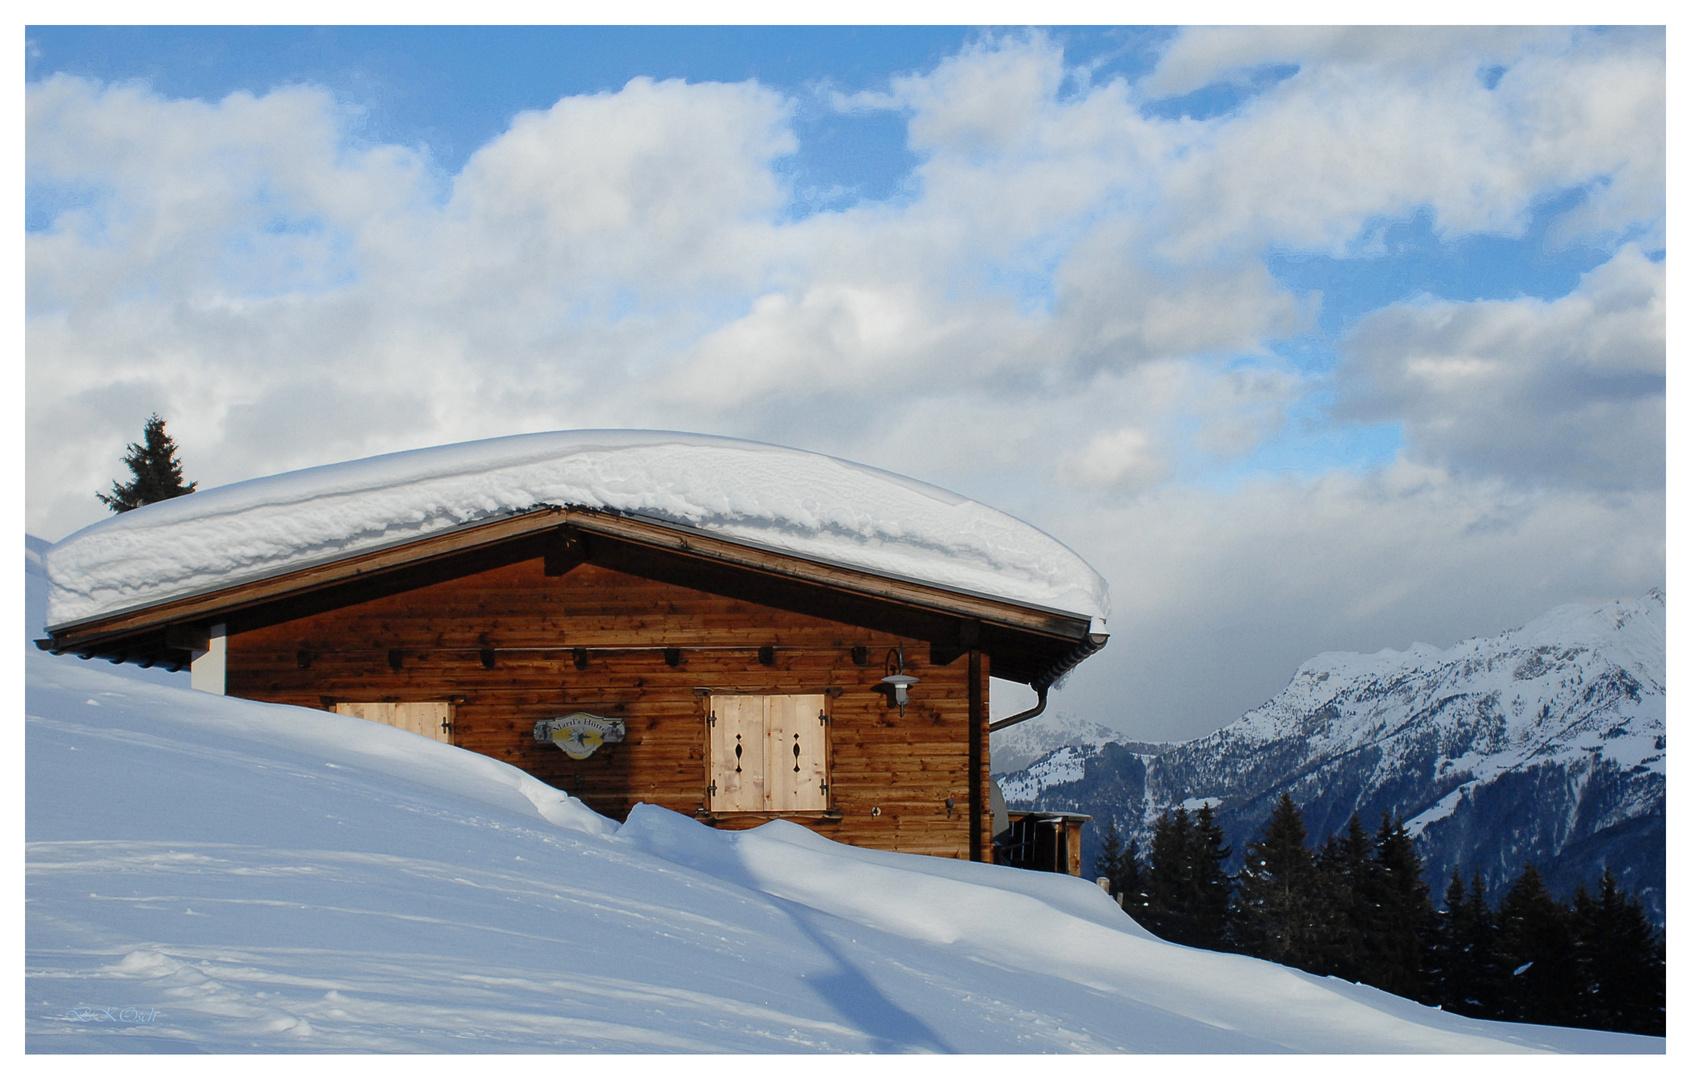 Martl's Hütte